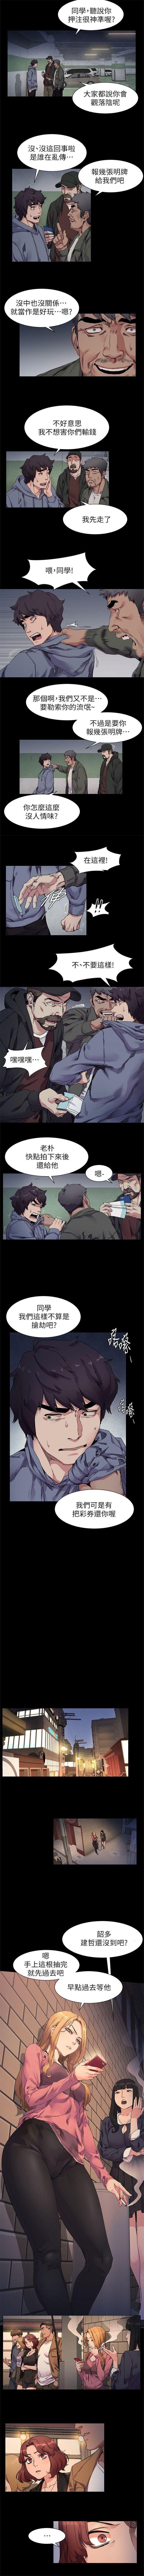 衝突 1-100官方中文(連載中) 107